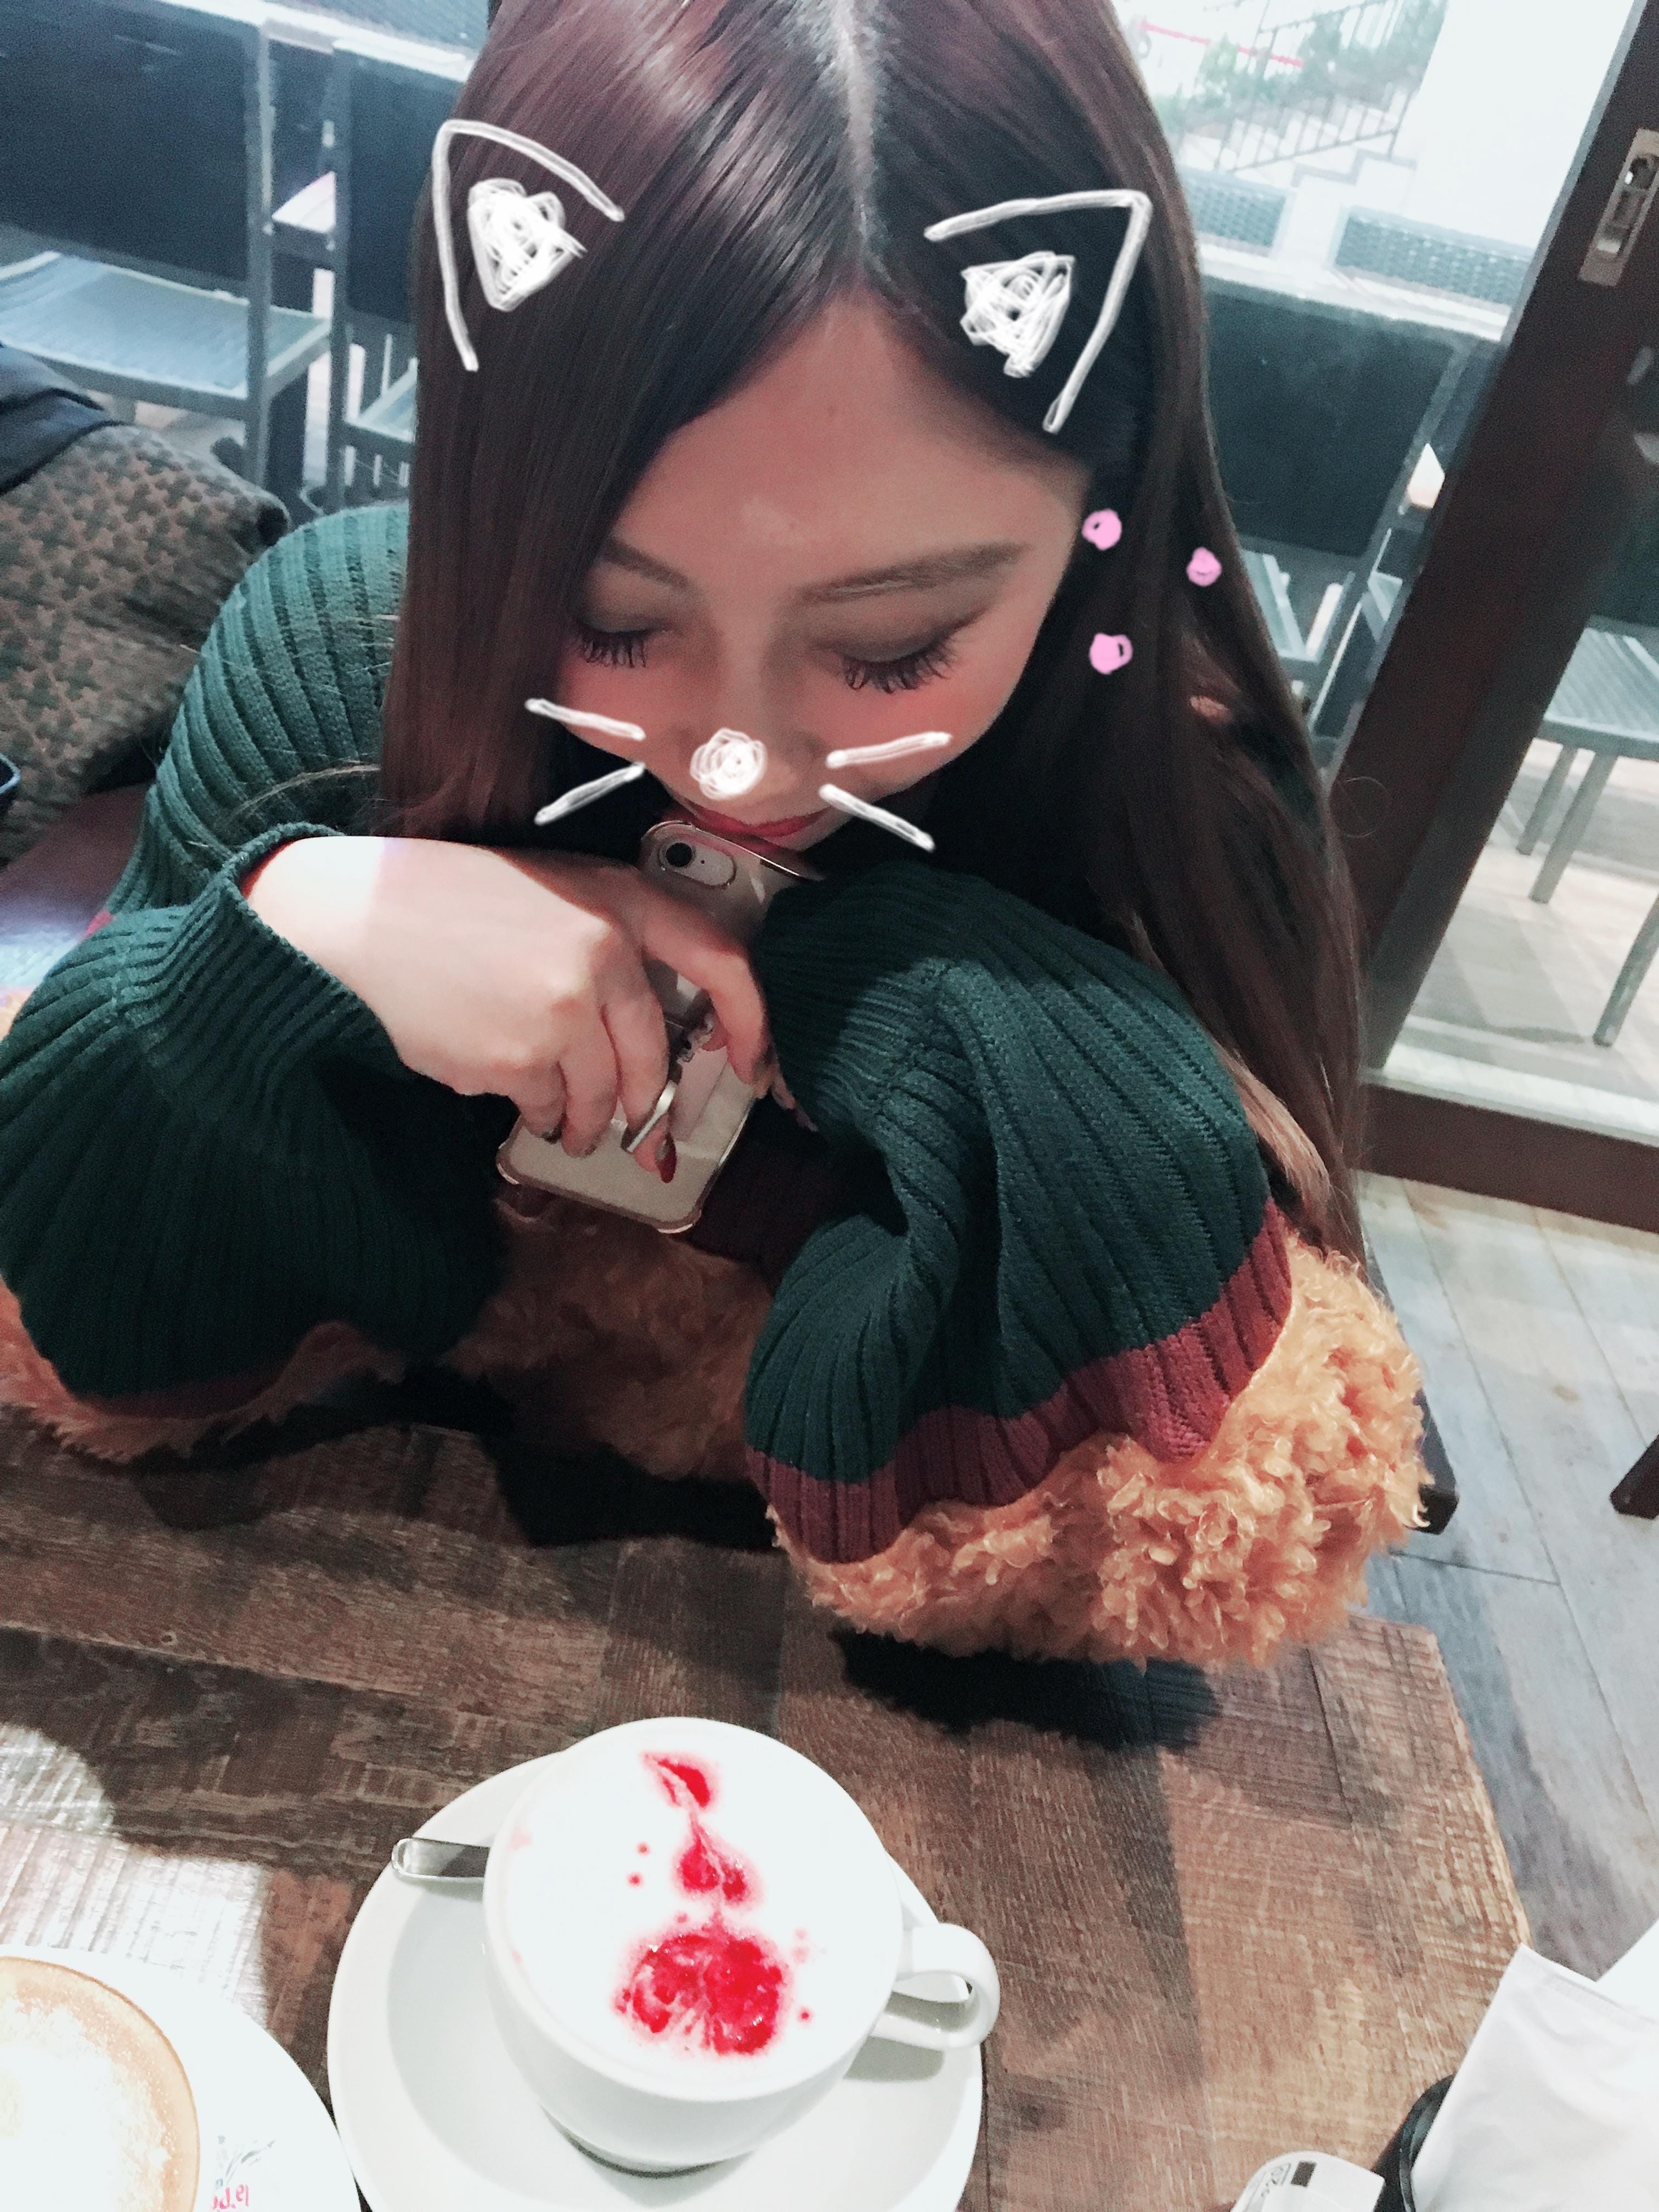 「次回はっ♪♪」05/26(土) 01:59 | 成瀬cocoの写メ・風俗動画